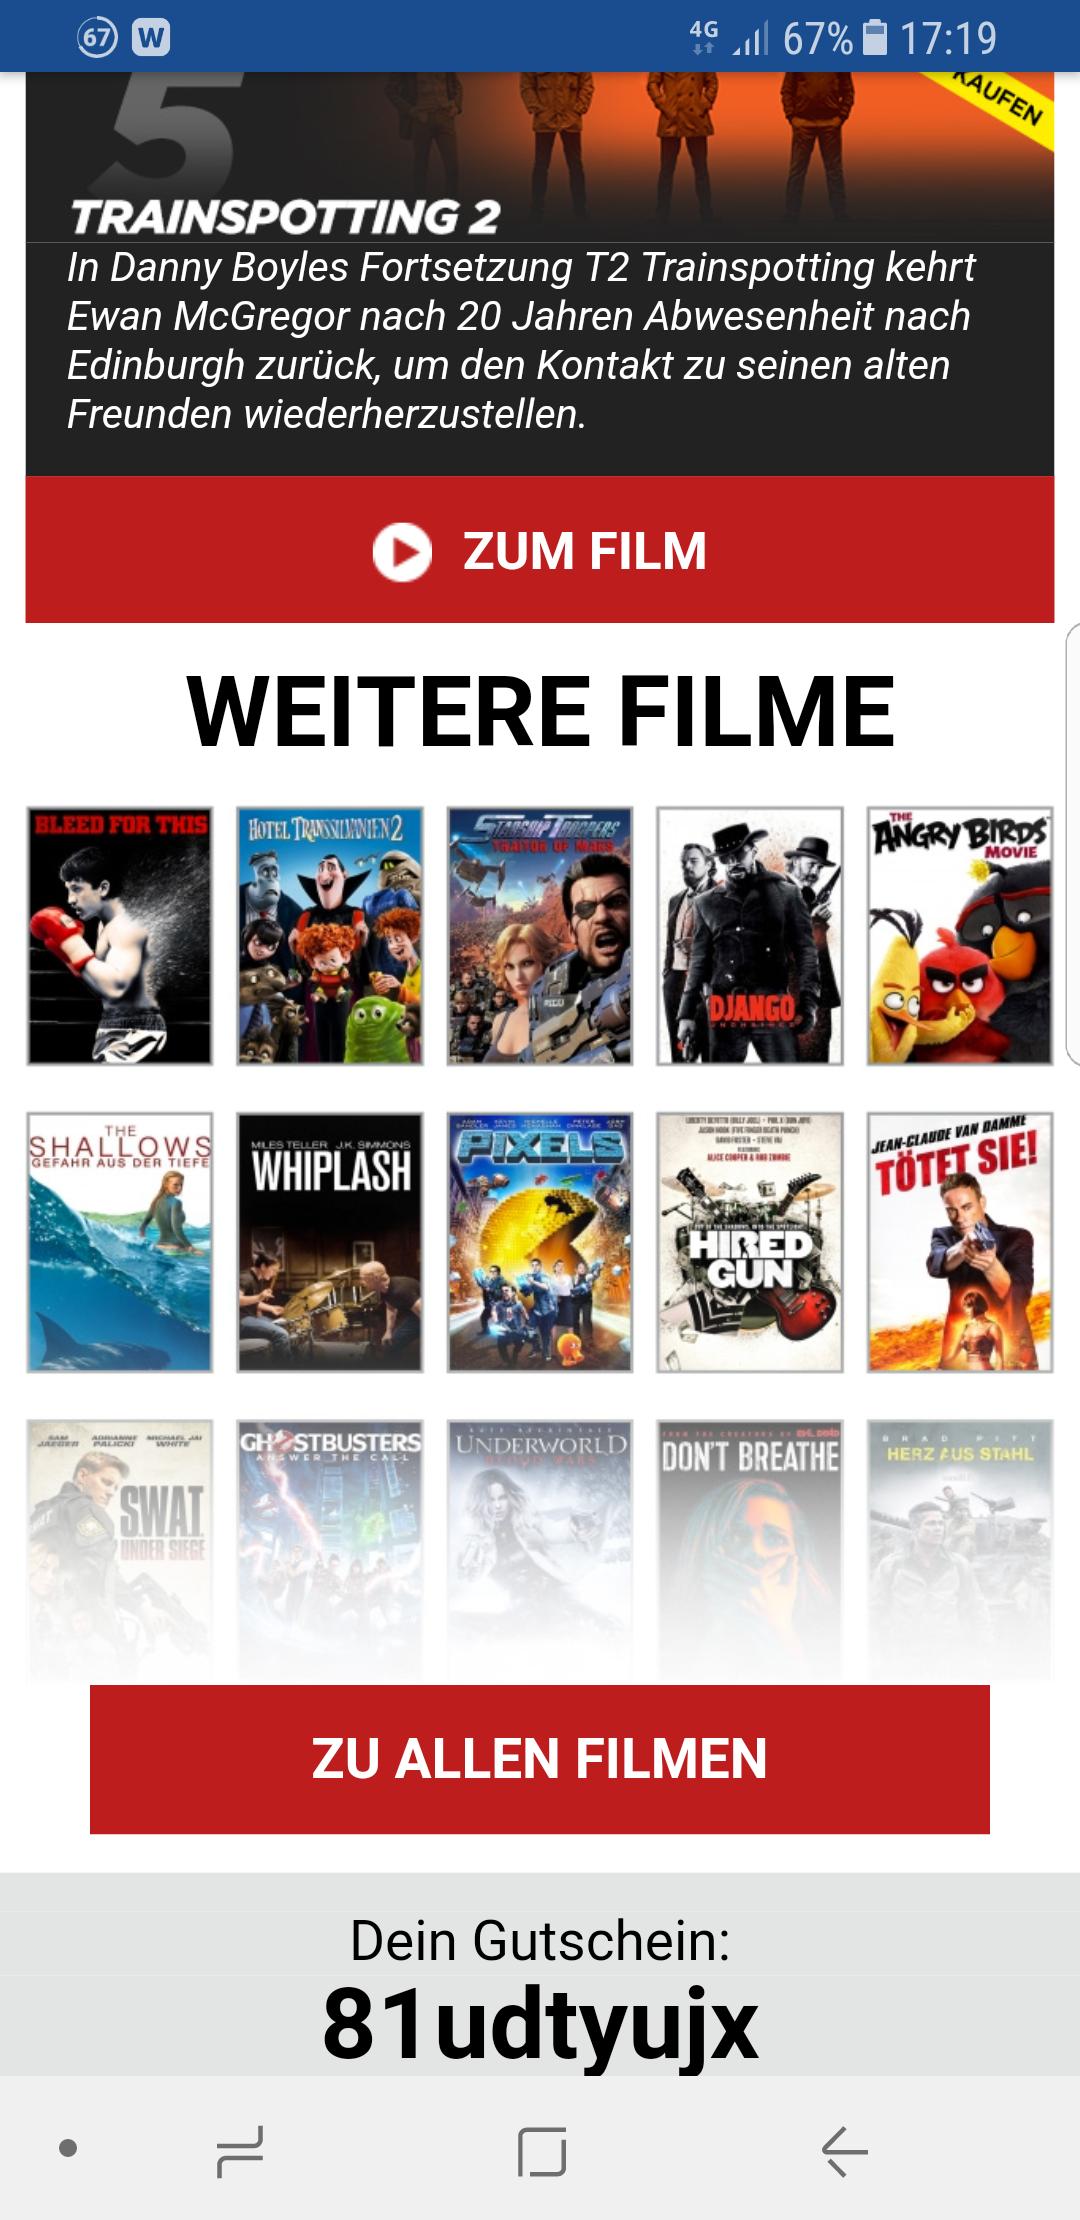 Rakuten TV 1€ Filme für die nächsten 48 Stunden zum Kauf